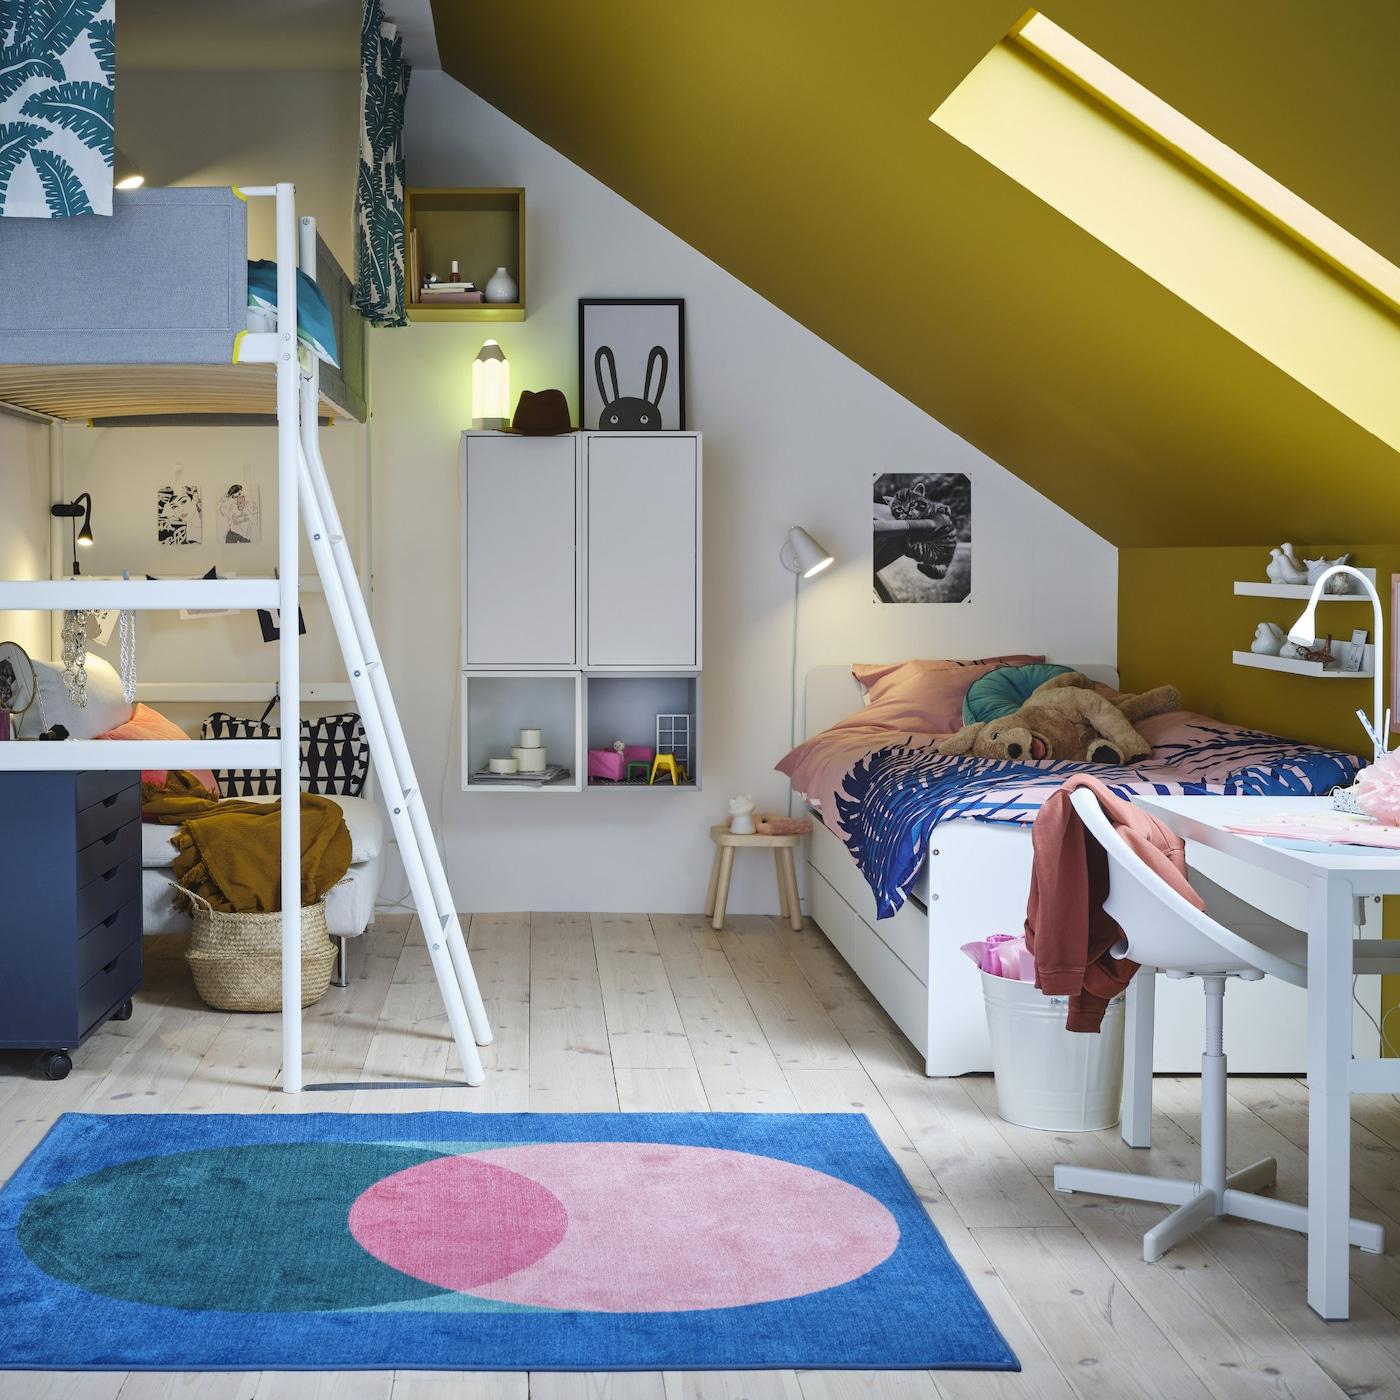 ロフトベッド、ホワイトのベッドフレーム、壁取り付け型ユニットとキャビネット、ホワイトのデスク、ピンク/グリーンのラグを備えた子ども部屋。